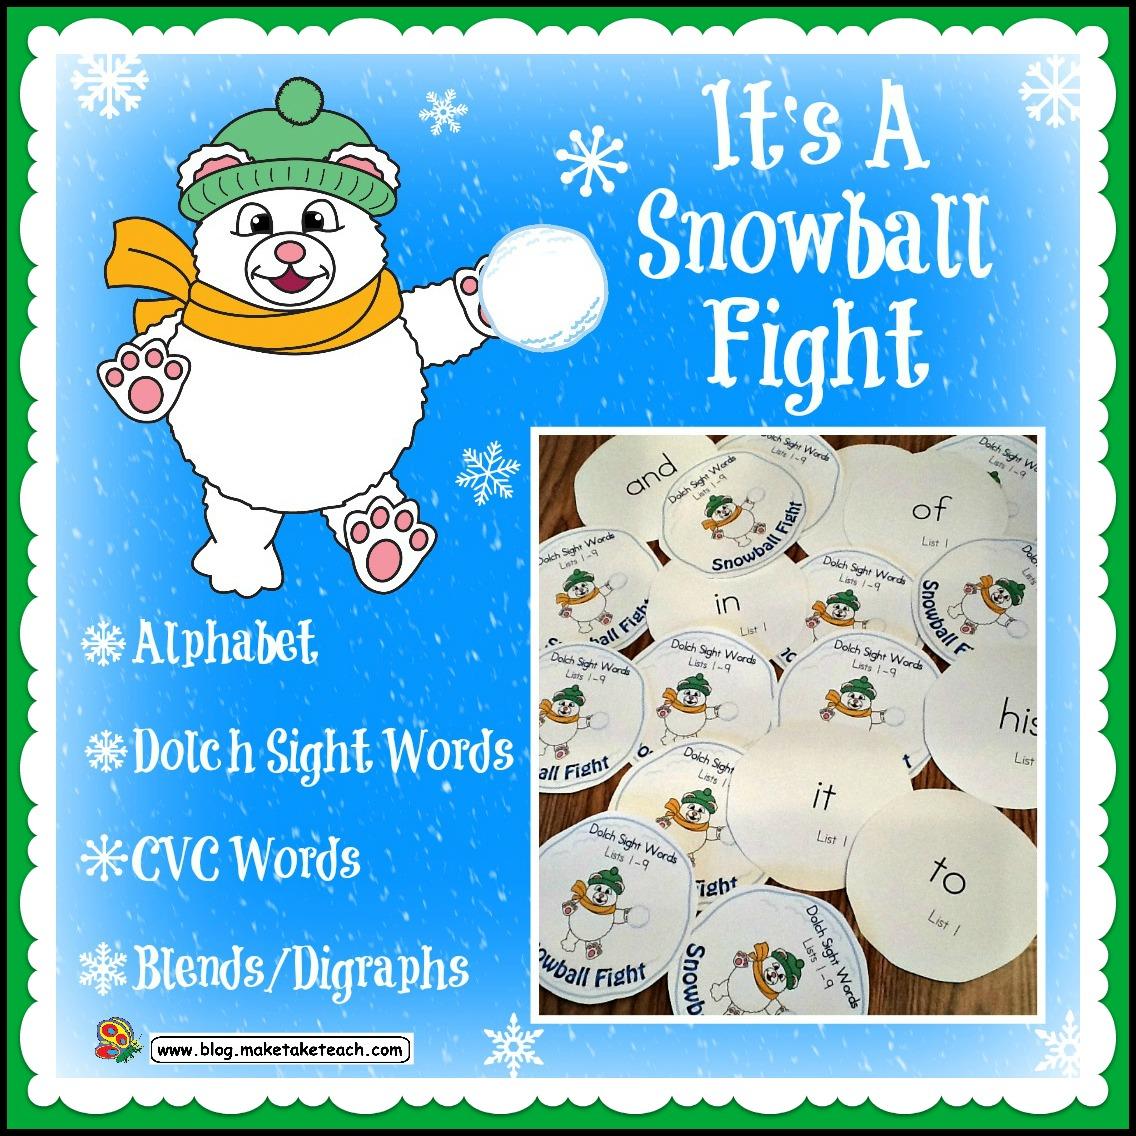 SnowballFightgotit